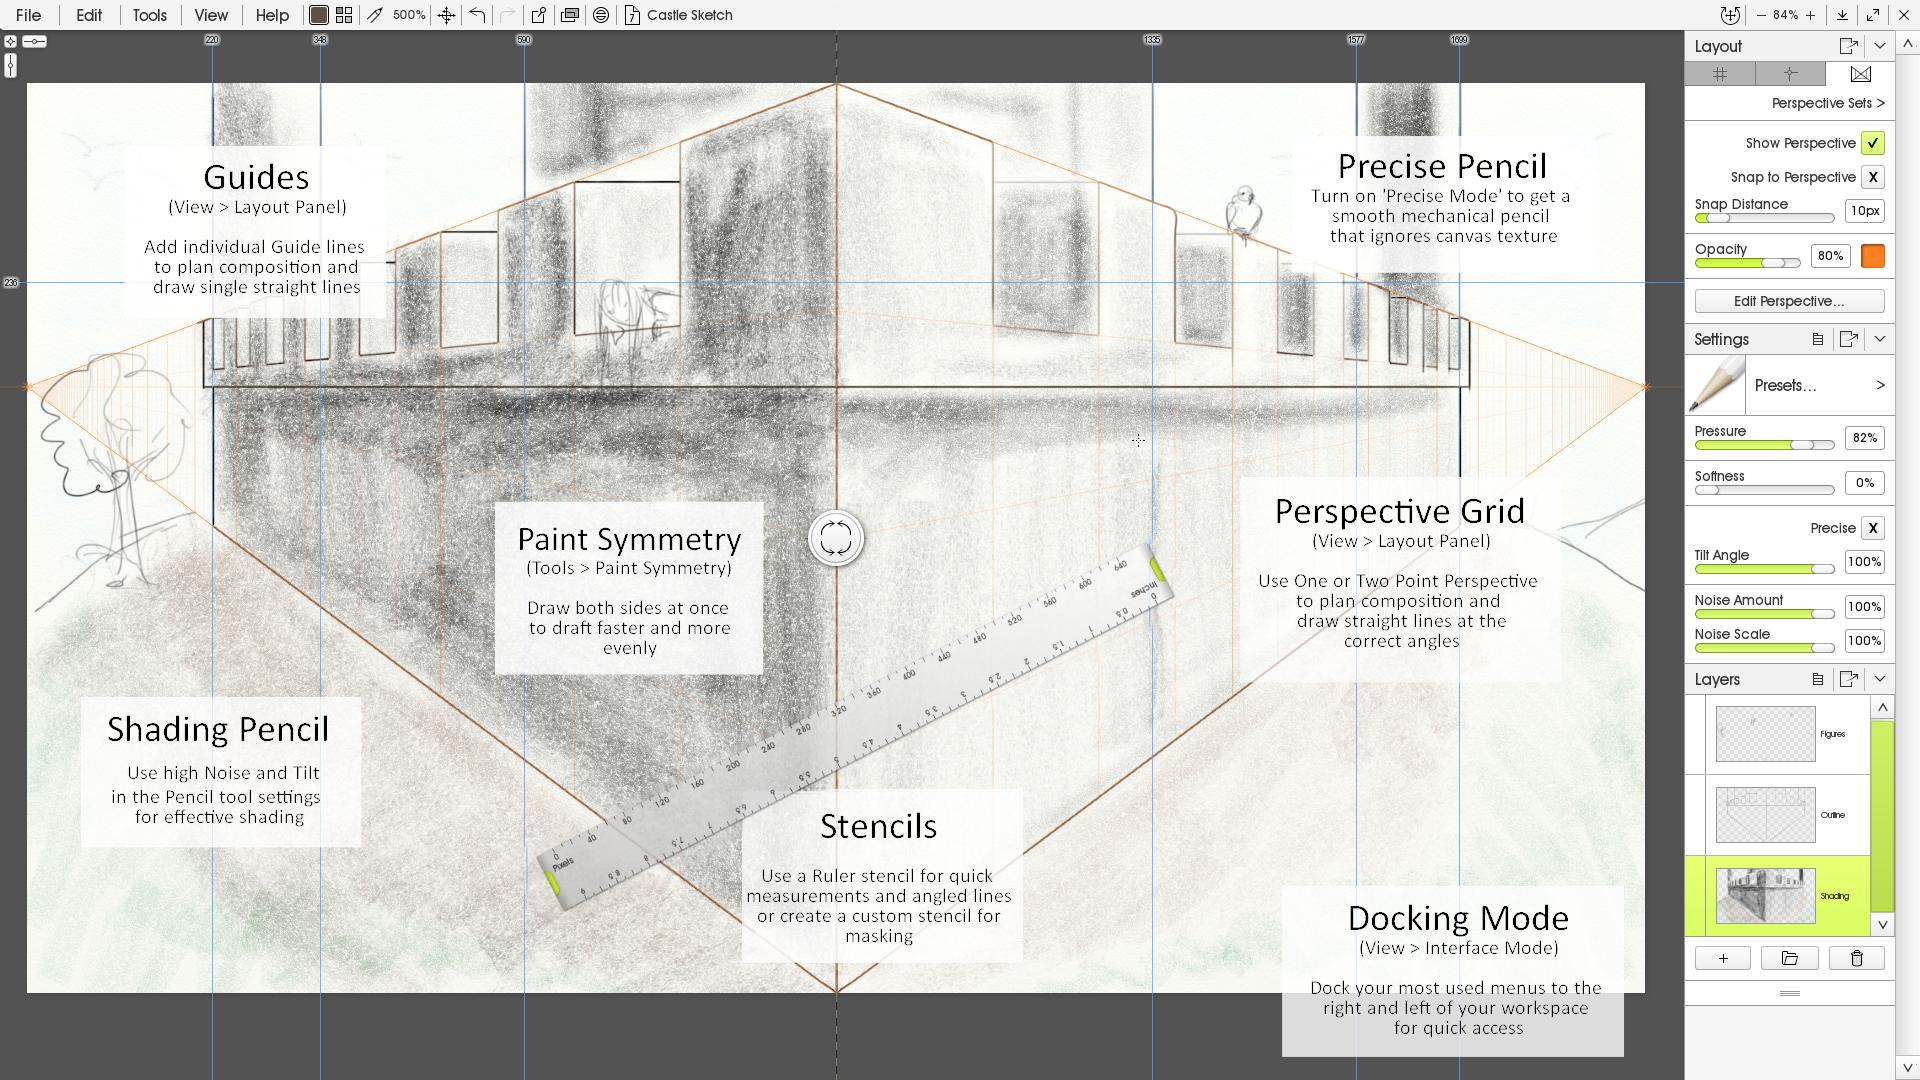 ArtRage Demo - Graphic Design Tools